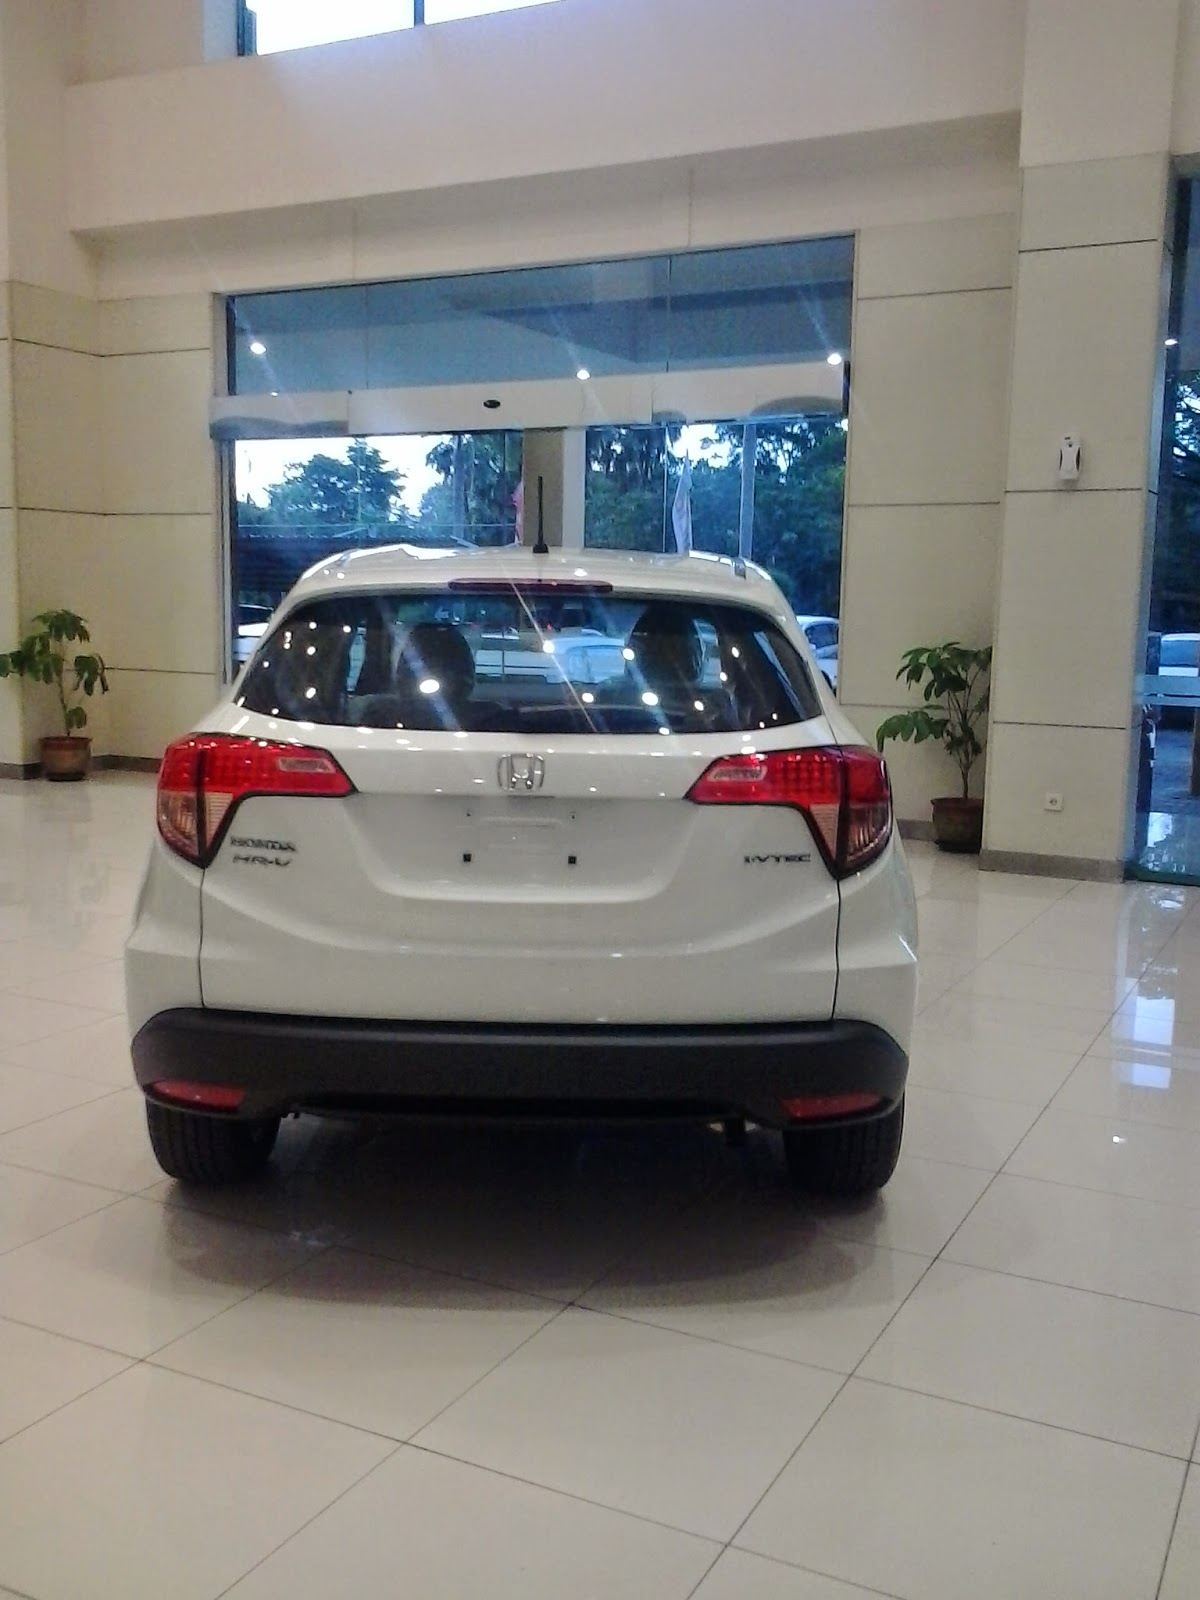 Mobil Honda HRV Warna Putih Bagian belakang